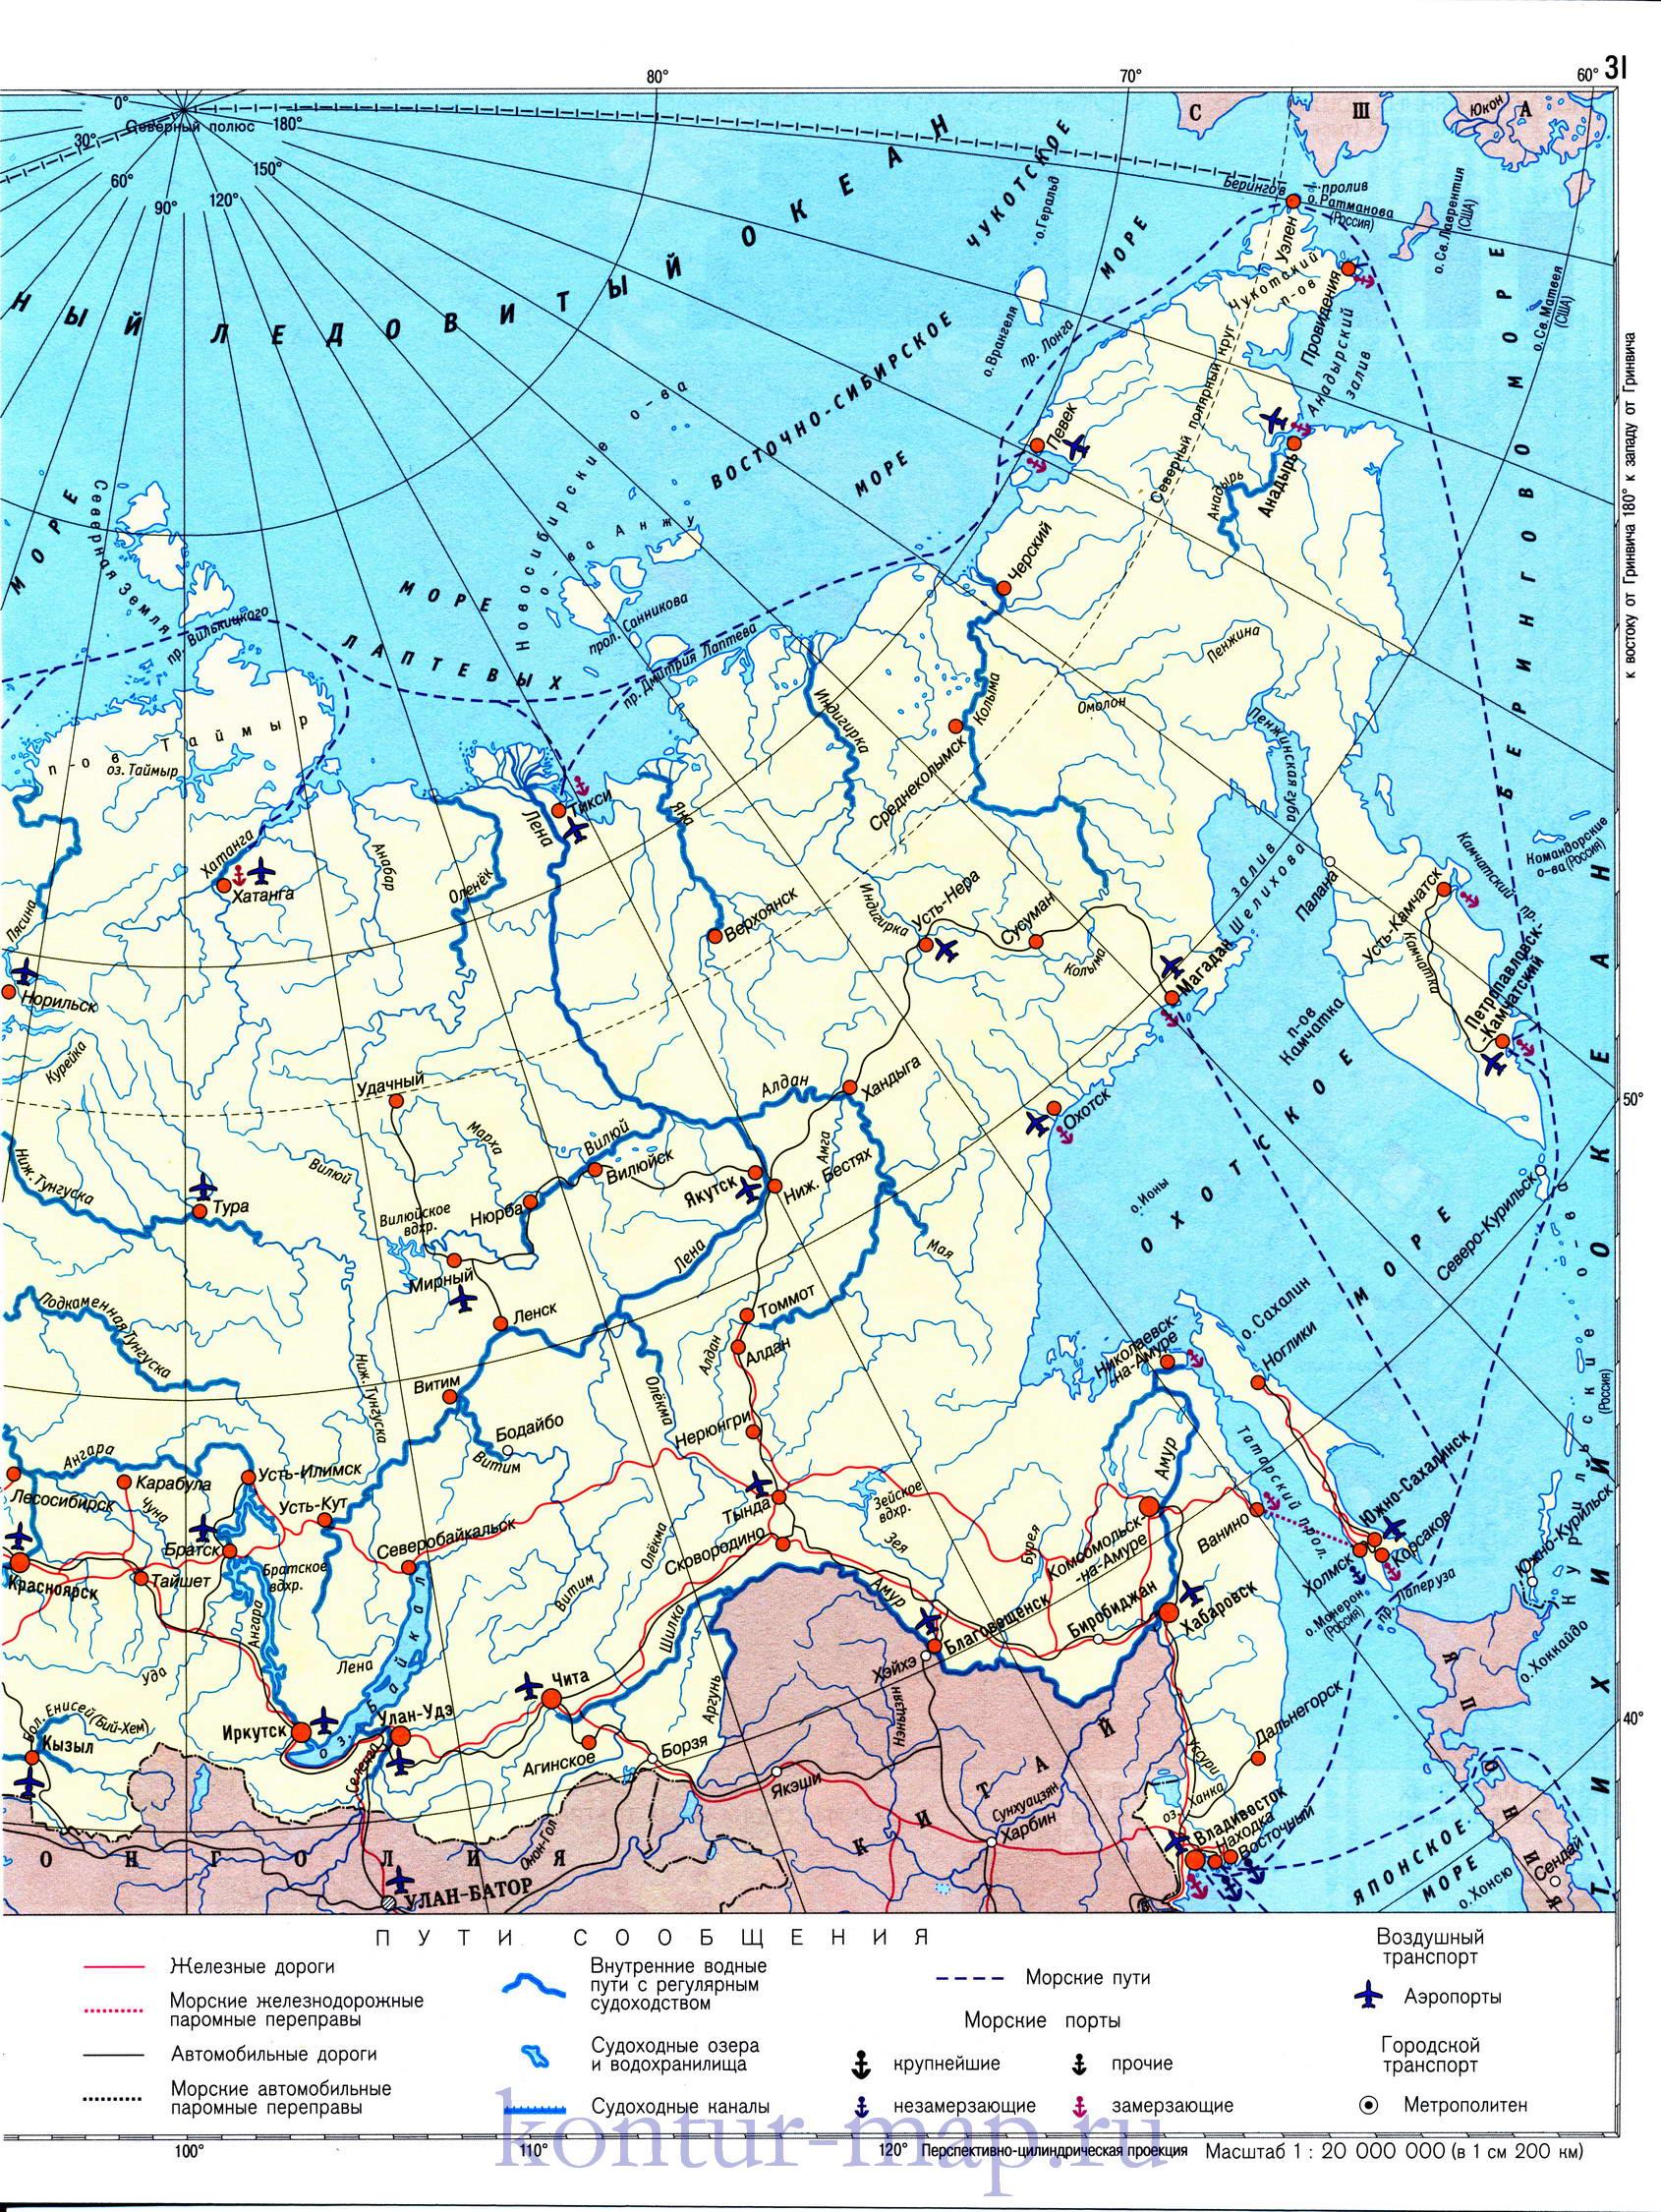 География транспорта россии